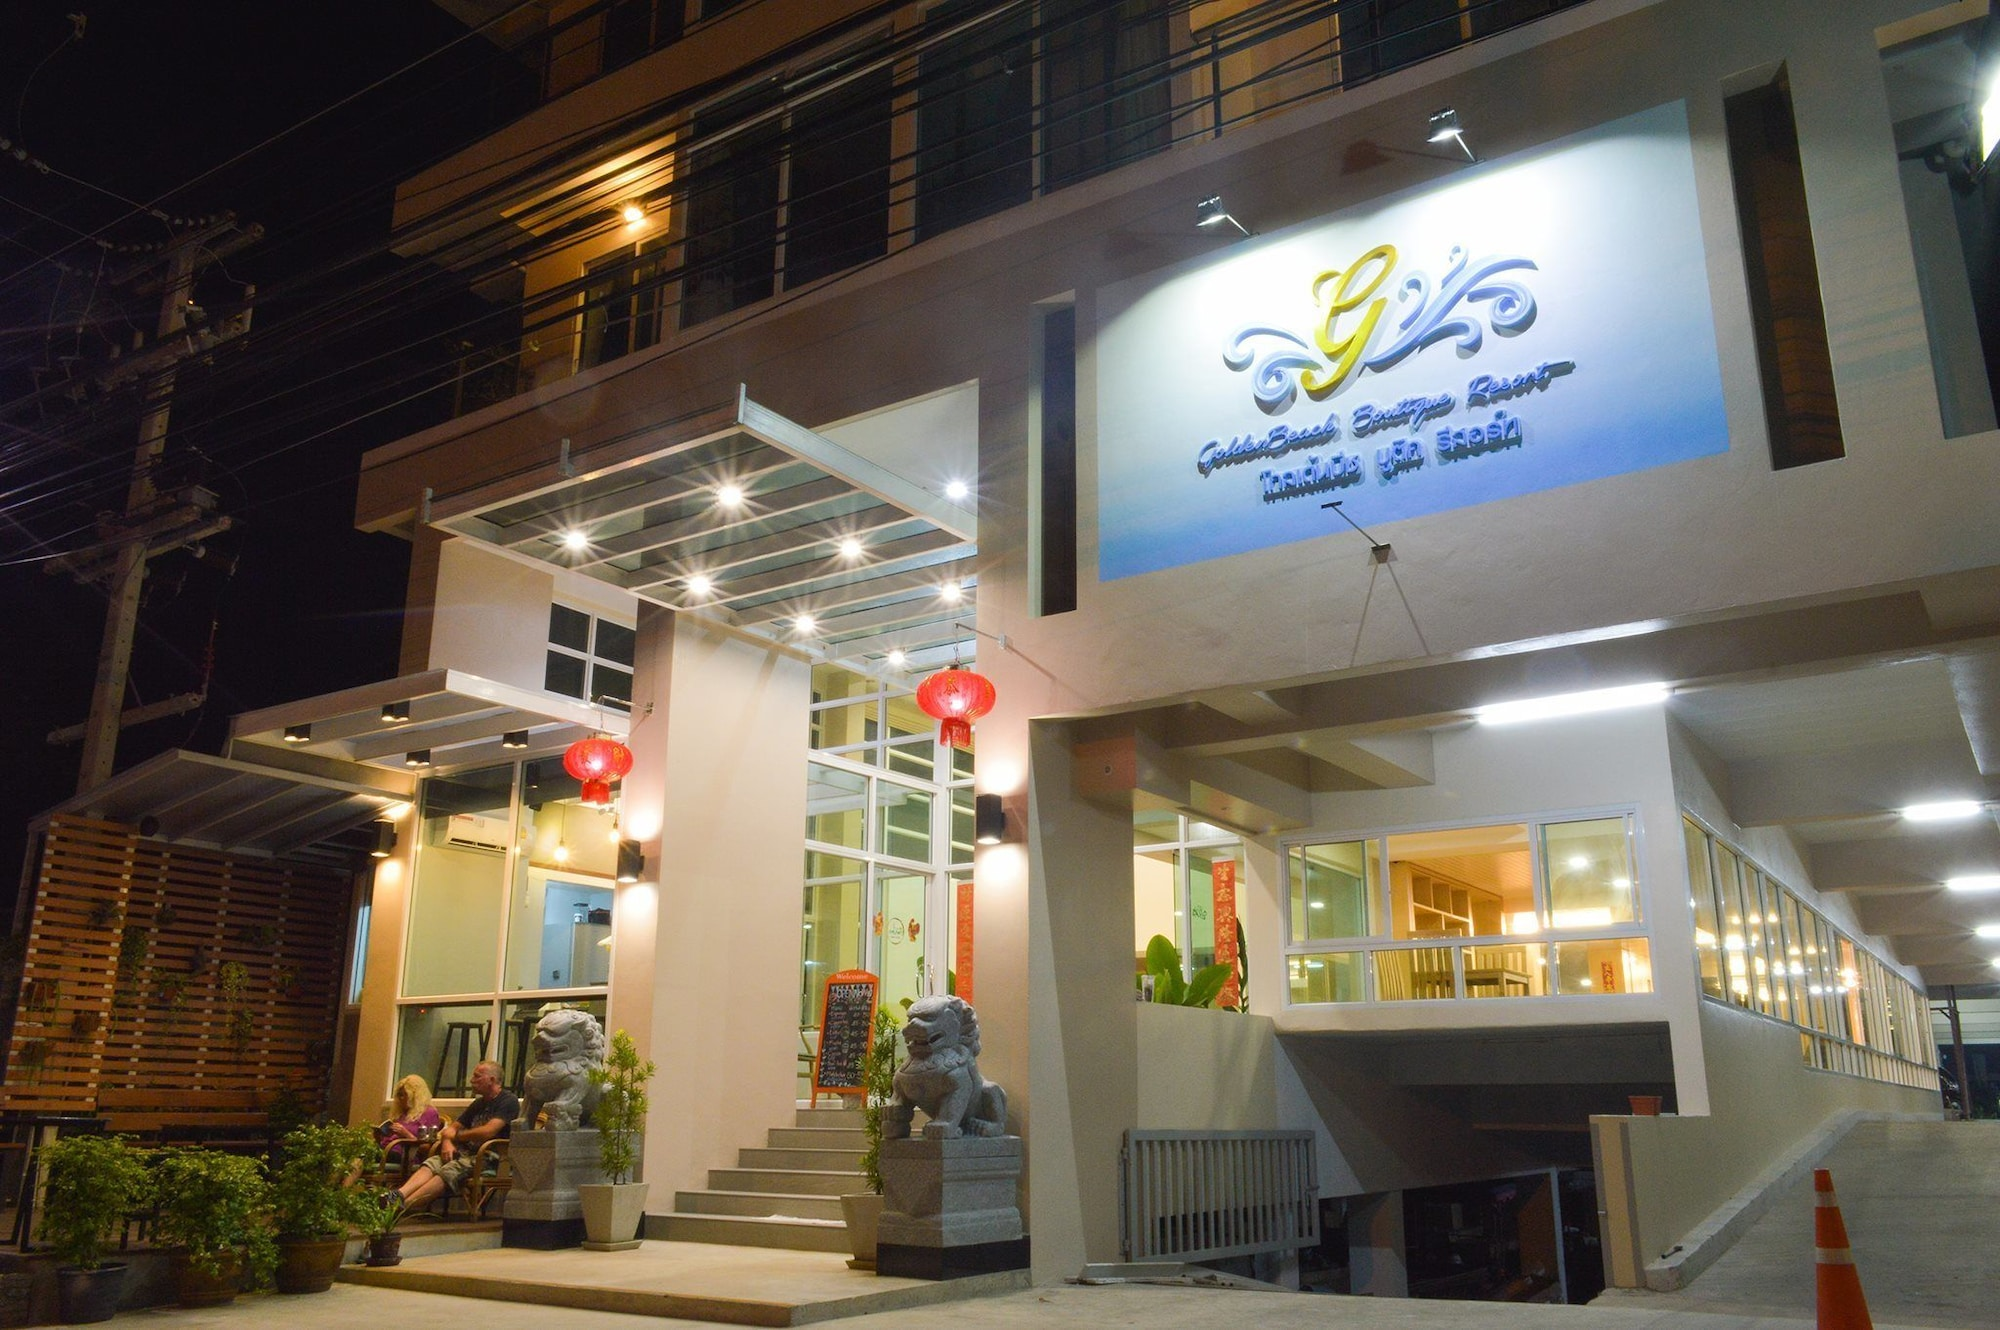 GoldenBeach Boutique Resort, Muang Prachuap Khiri Khan